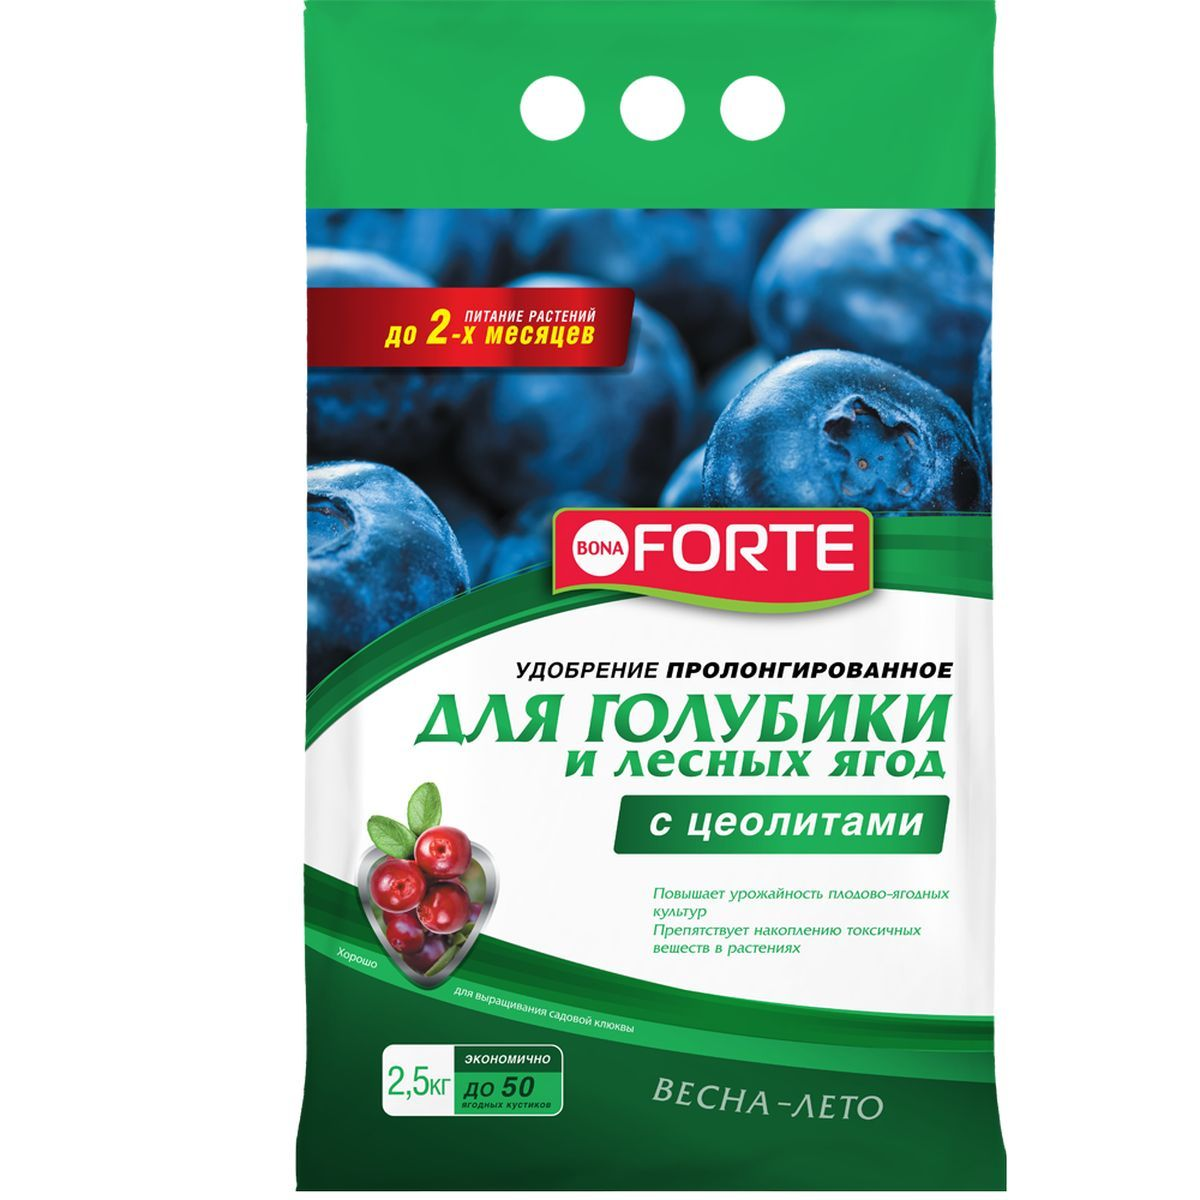 Удобрение Bona Forte, для голубики и лесных ягод, с цеолитом, 2,5 кгBF-23-01-027-1Для голубики, брусники, клюквы, ягодных и декоративных кустарников. Стимулирует образование завязей, увеличивает урожай, оздоравливает корневую систему растений.Удобрения дополнительно обогащены ЦЕОЛИТОМ, который имеет уникальные полезные свойства:- удерживает влагу и питательные вещества в корнеобитаемой зоне растений;- снижает стрессы растений при посадке и пересадке;- обеспечивает оптимальный воздушный режим даже при максимальном насыщении грунта водой;- делает удобрения пролонгированными.Уважаемые клиенты! Обращаем ваше внимание на изменения в дизайне товара. Поставка осуществляется в зависимости от наличия на складе.